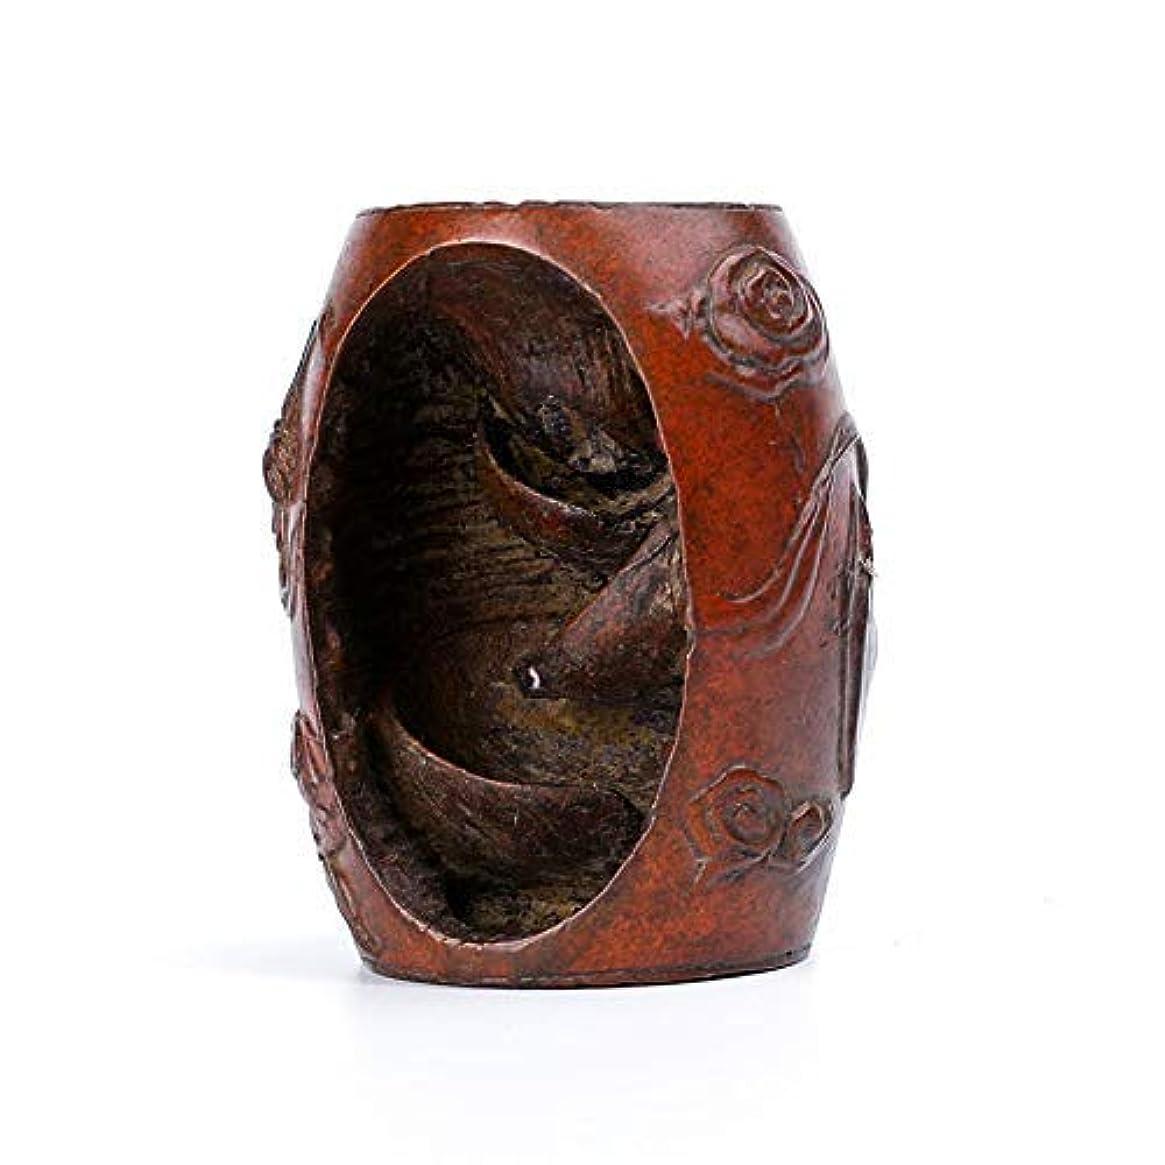 茎レイアウト制限PHILOGOD 香炉 真鍮クリエイティブスタイリング逆流香 倒流香 仏壇用香立て 香皿